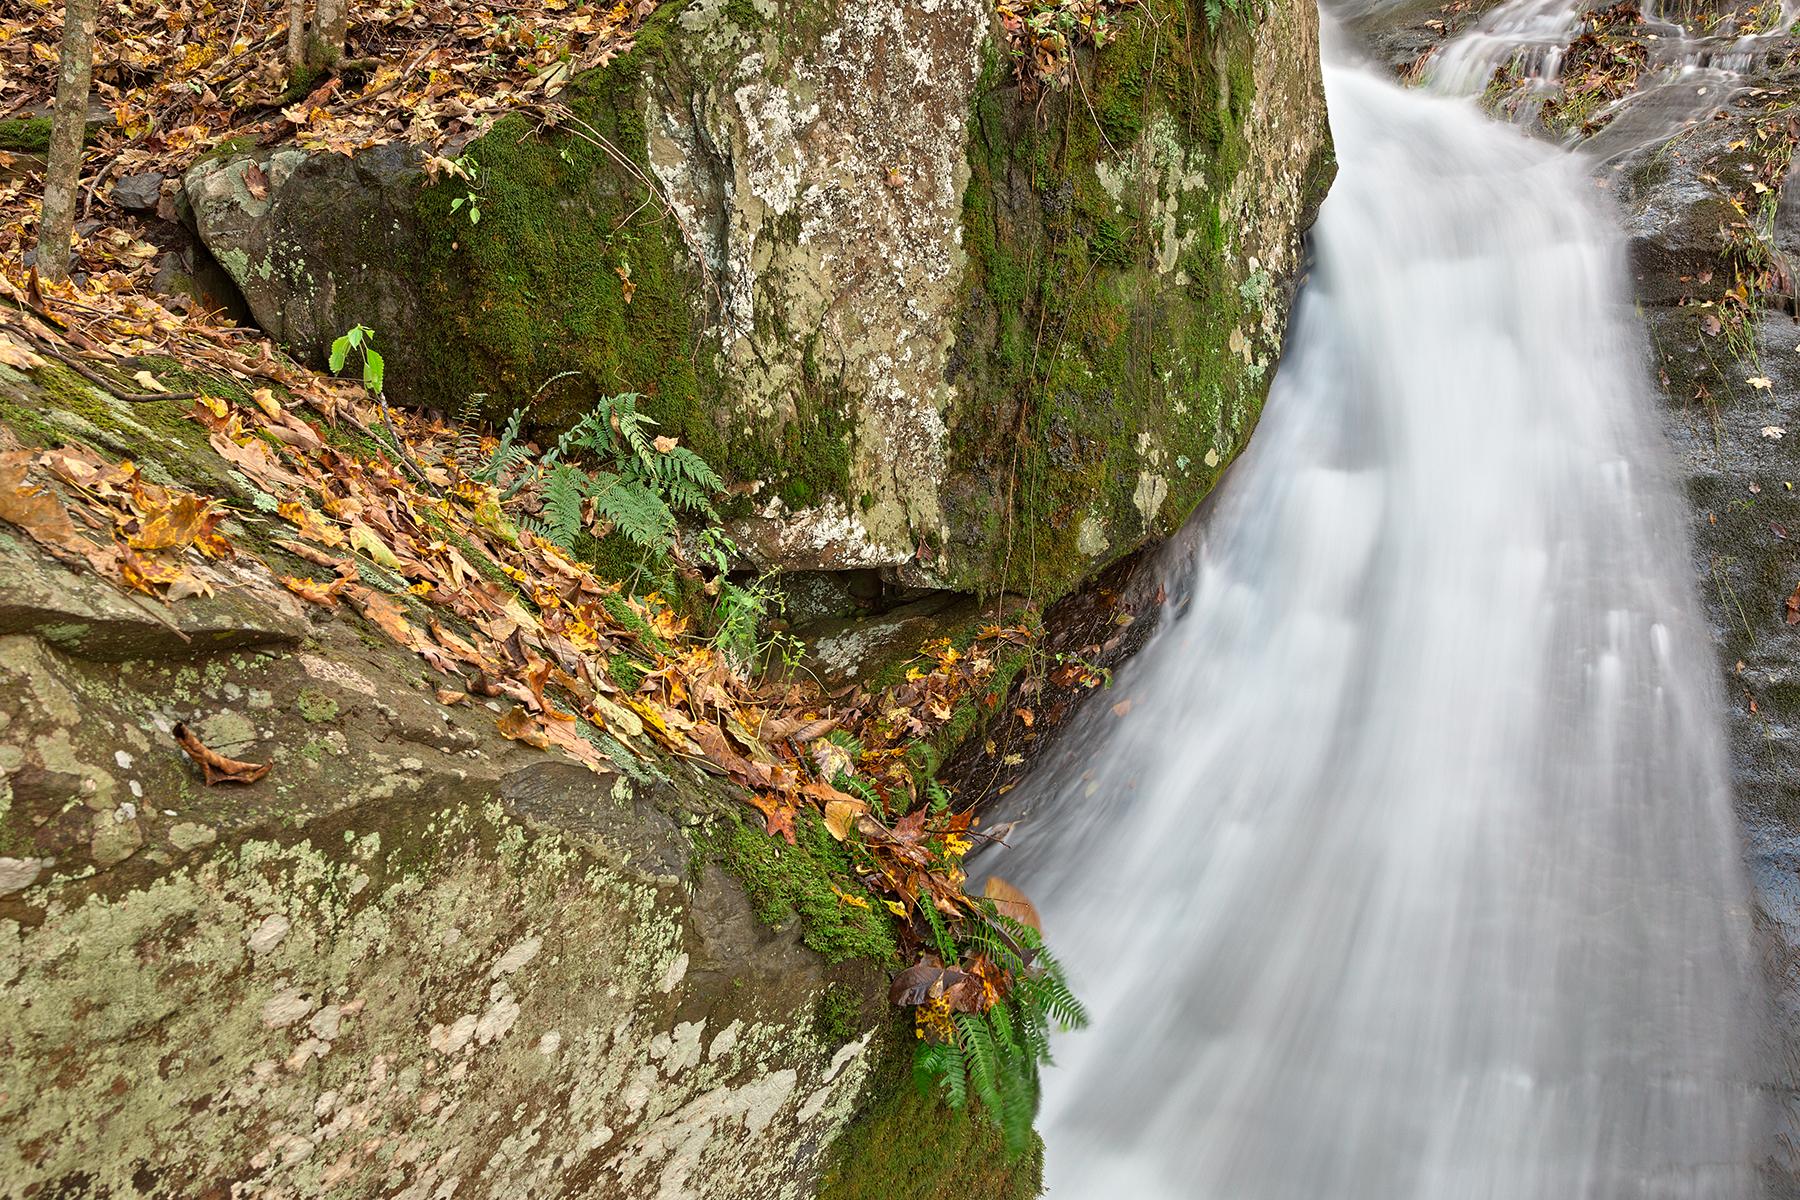 Jones Run Highway Stream - HDR, America, Outdoors, Scenic, Scenery, HQ Photo